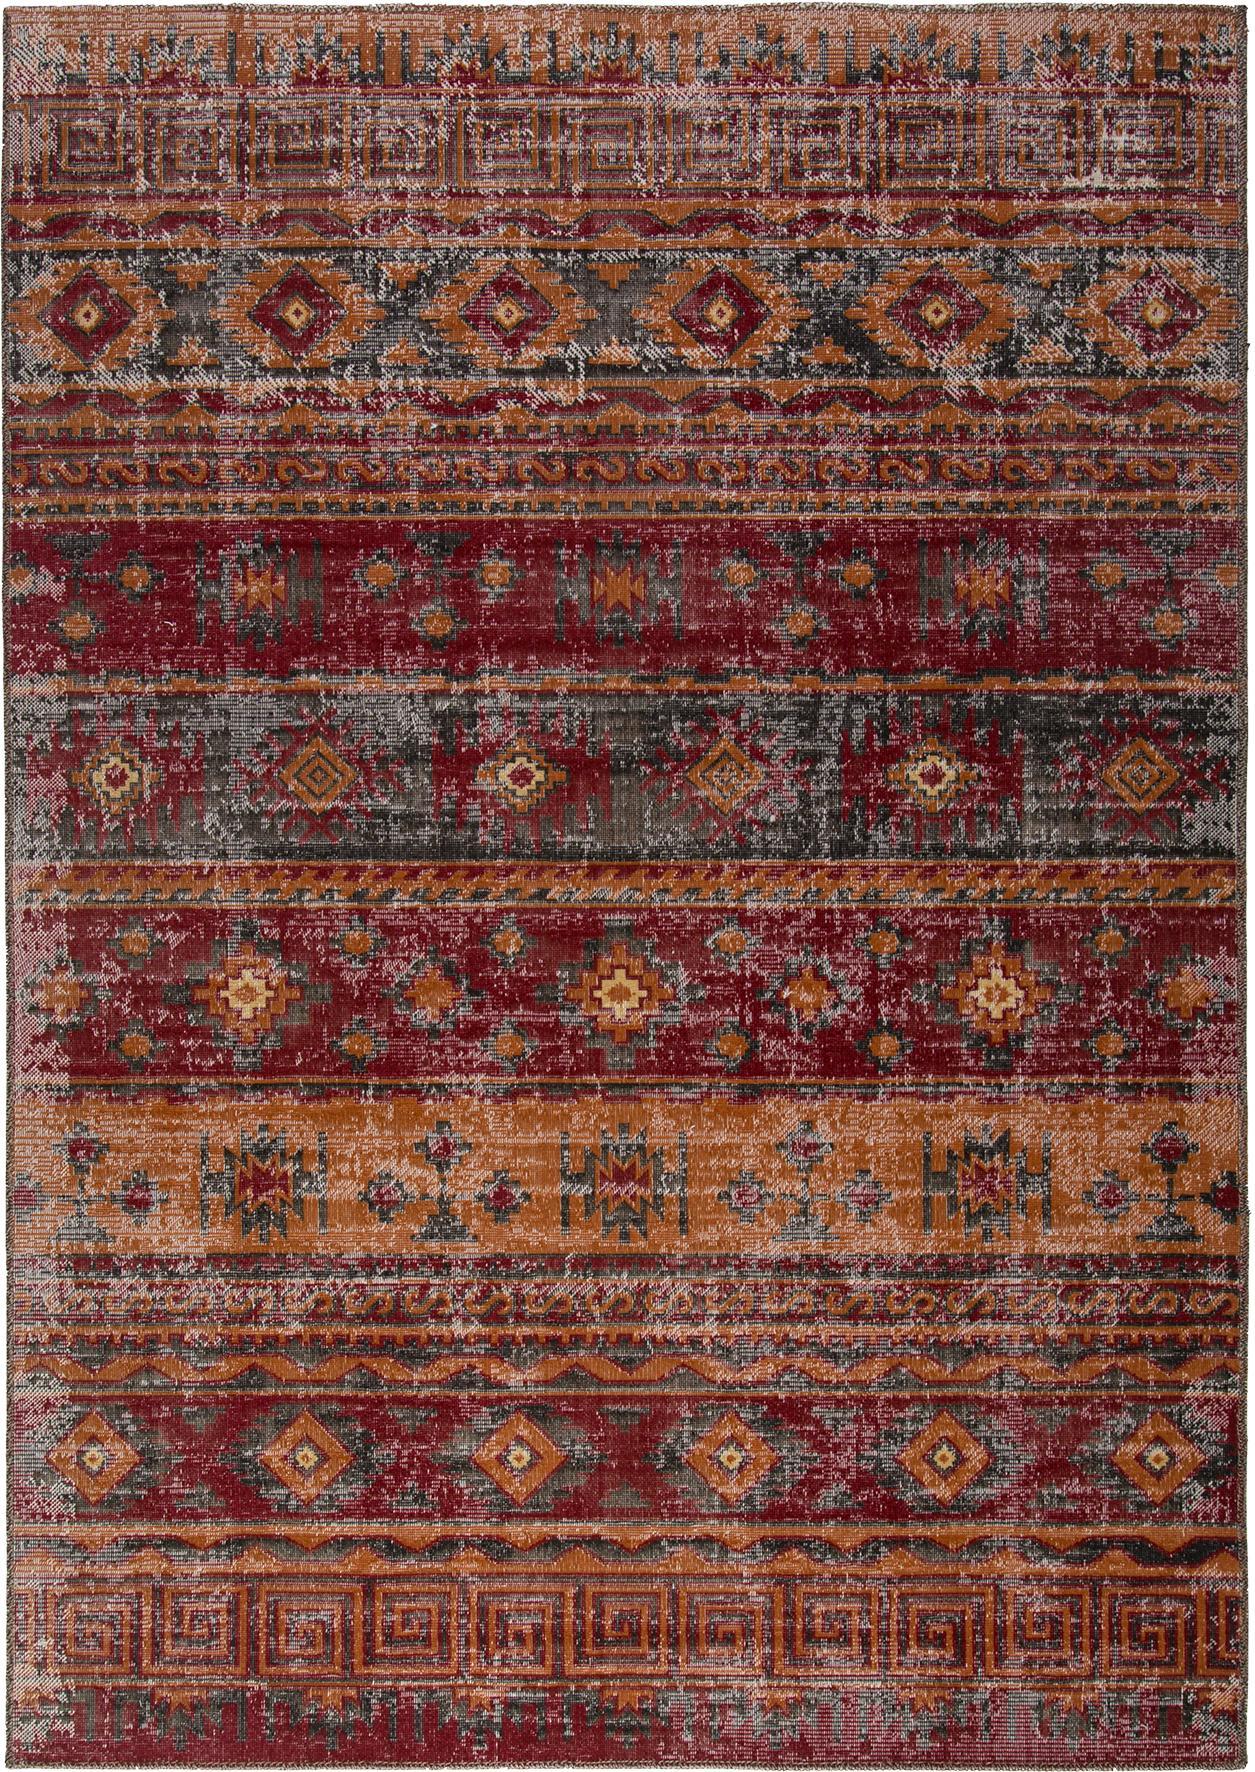 In- & Outdoor-Teppich Tilas Istanbul in Dunkelrot, Orient Style, Dunkelrot, Senfgelb, Khaki, B 160 x L 230 cm (Größe M)